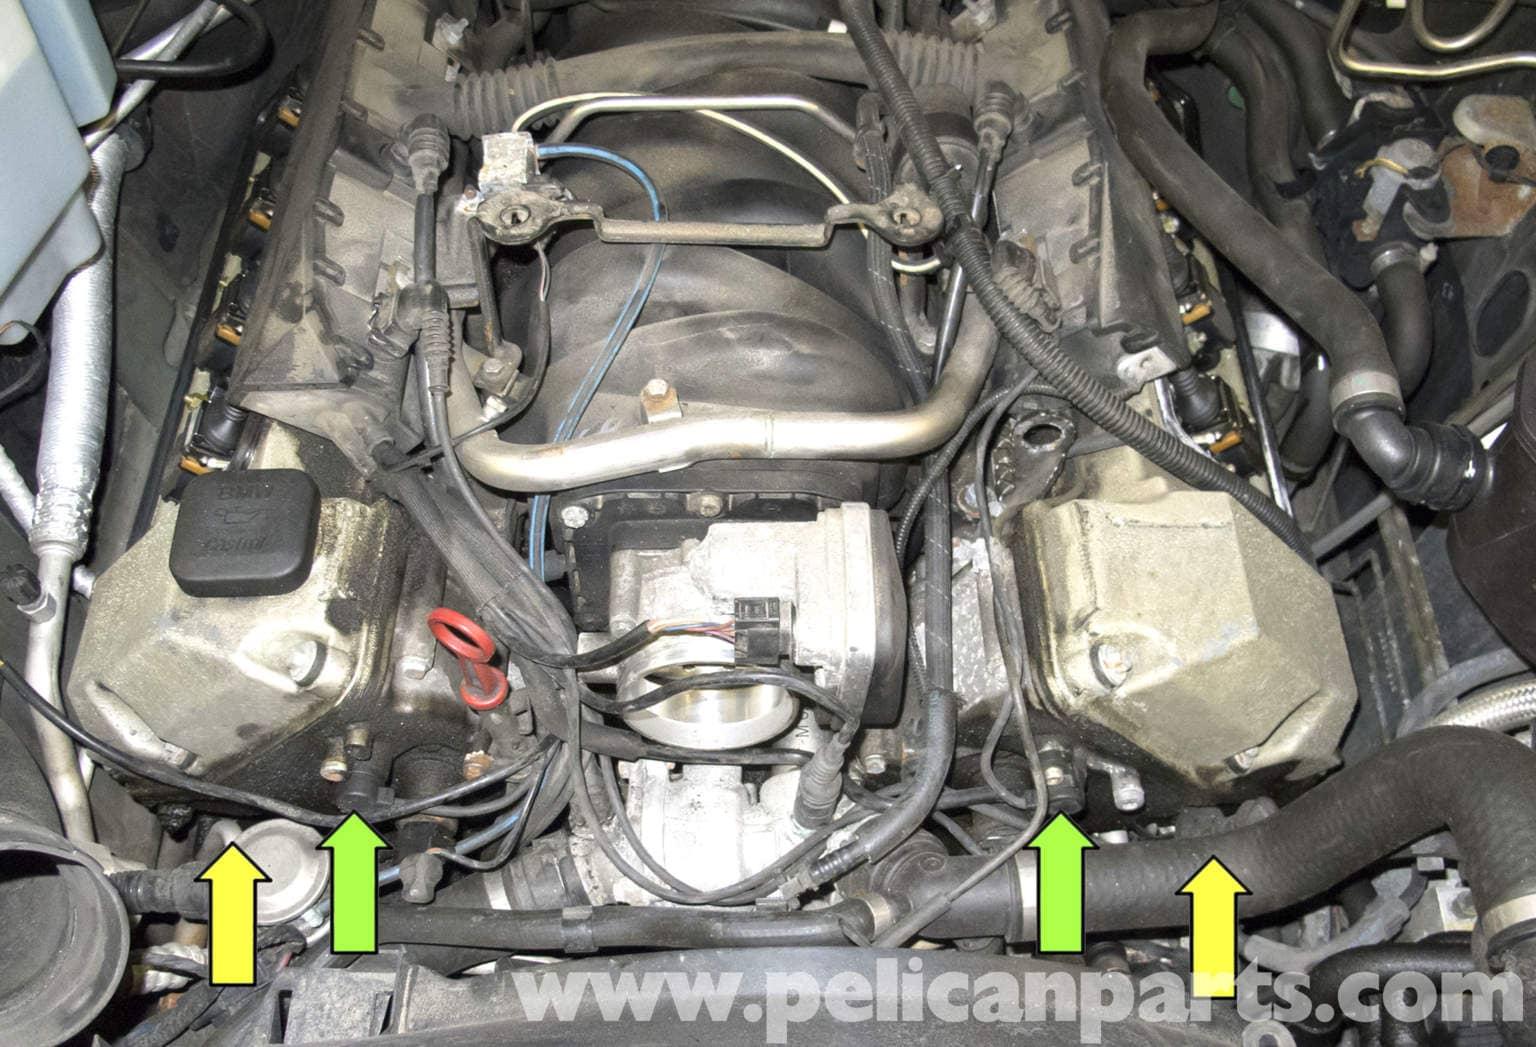 1994 bmw 325is wiring diagram bmw x5 m62 8 cylinder camshaft sensor testing e53 2000 bmw 545i wiring diagram #11